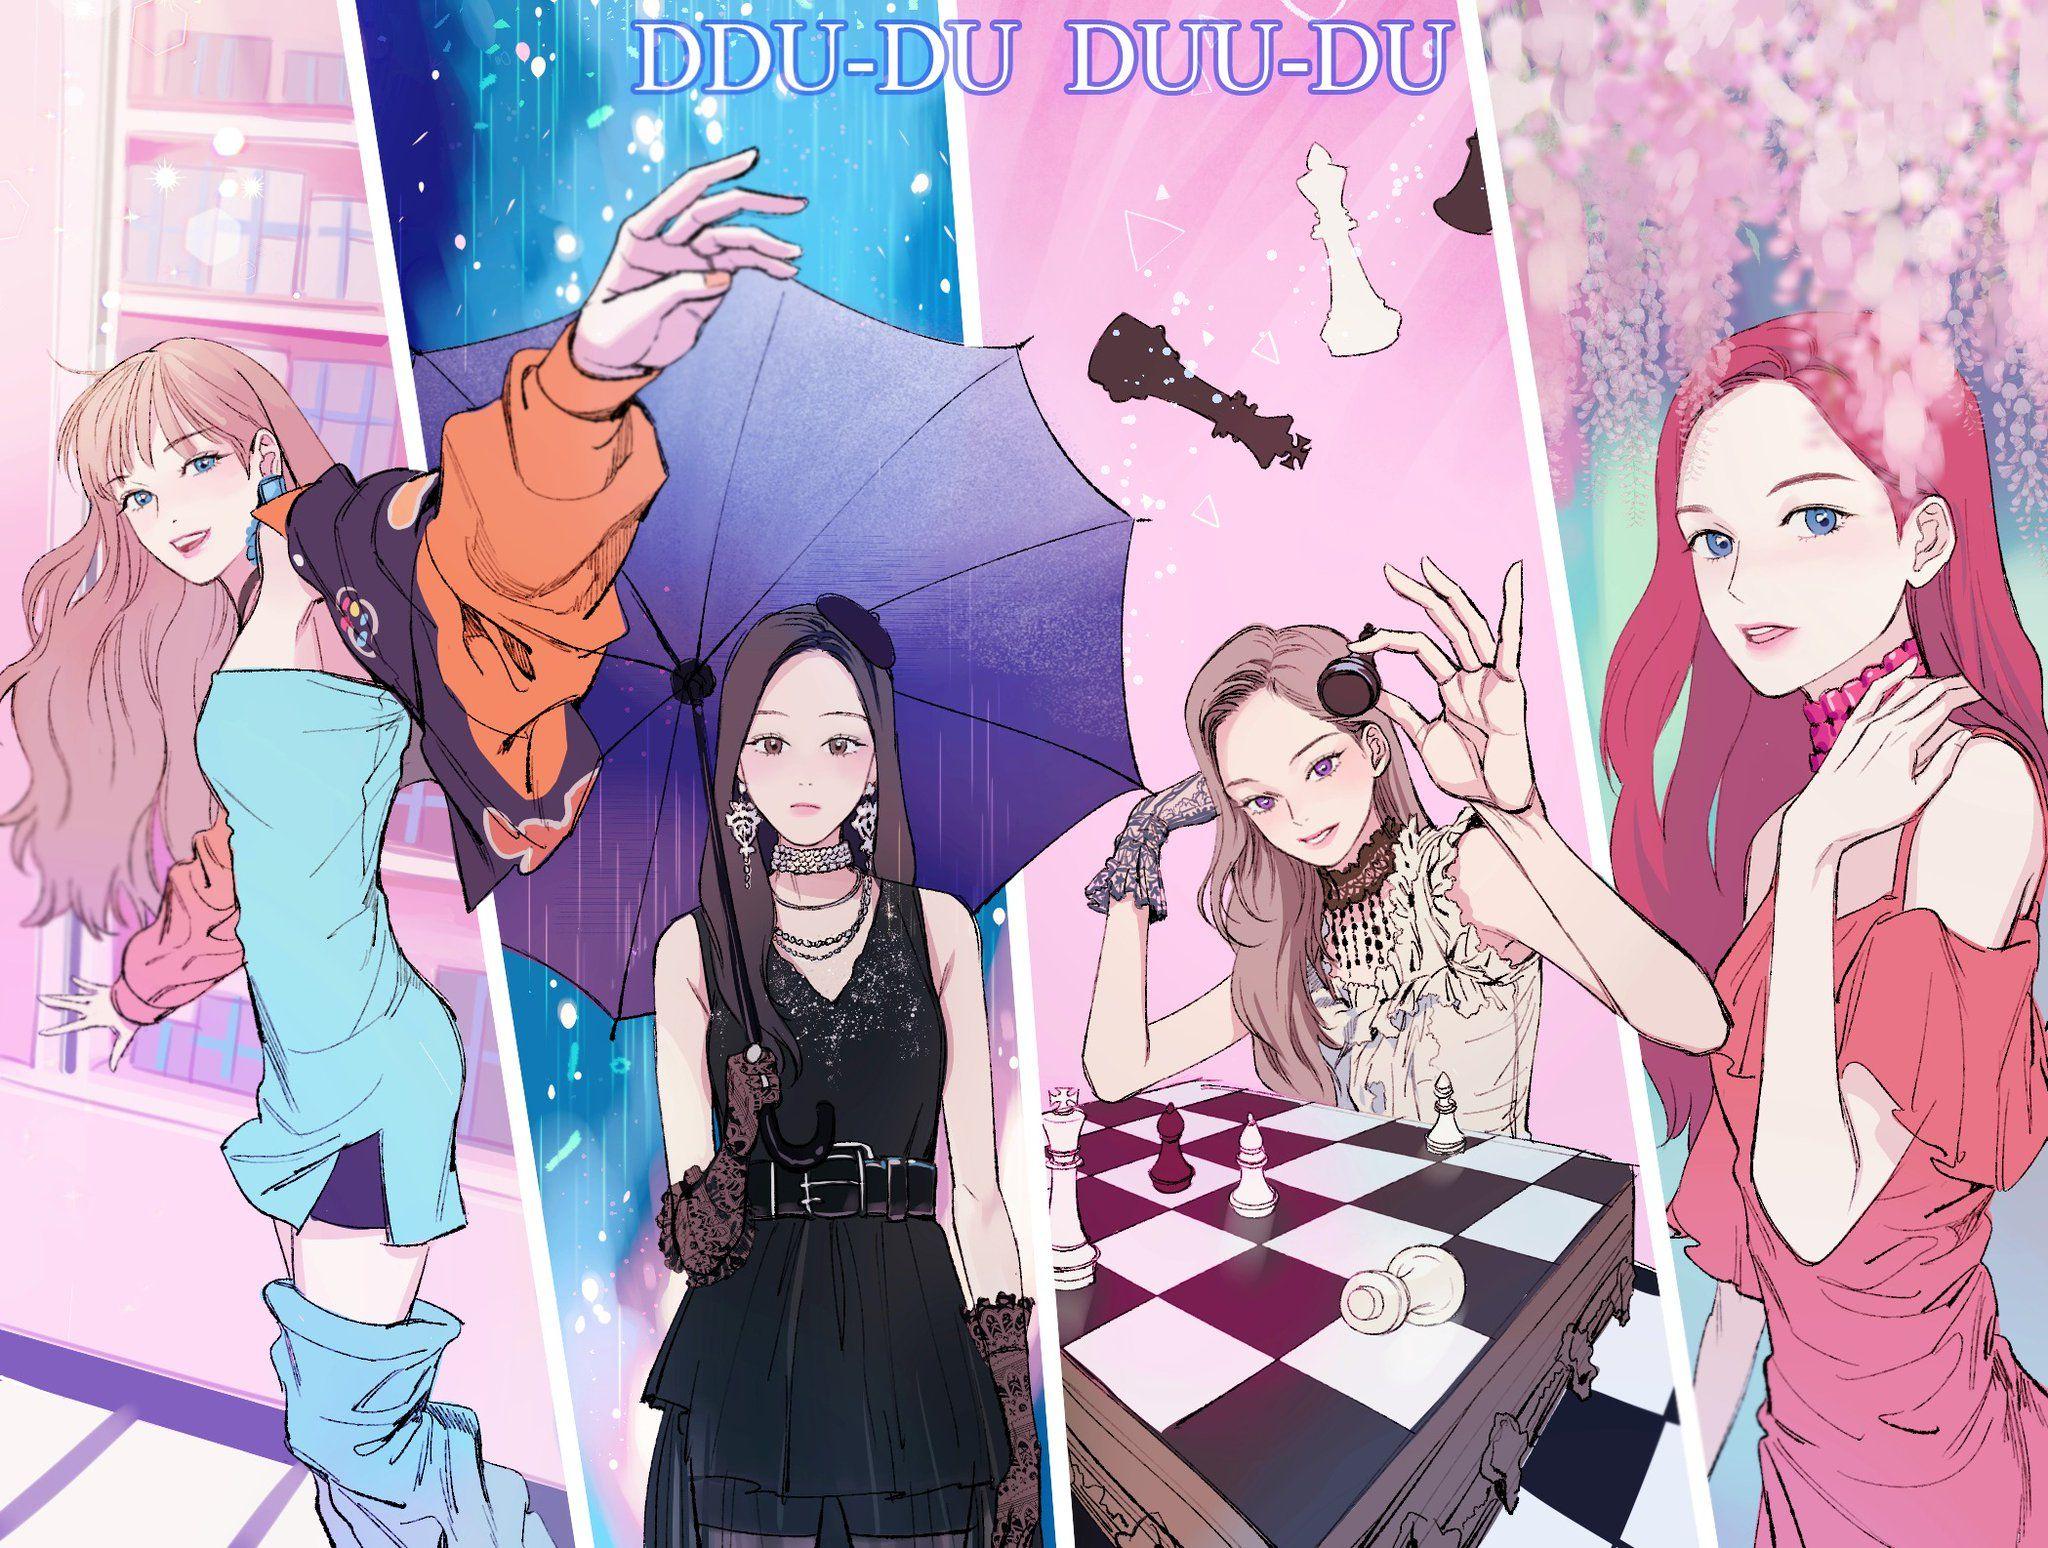 마누비 on Blackpink, Cute dessin et Jolie fille anime